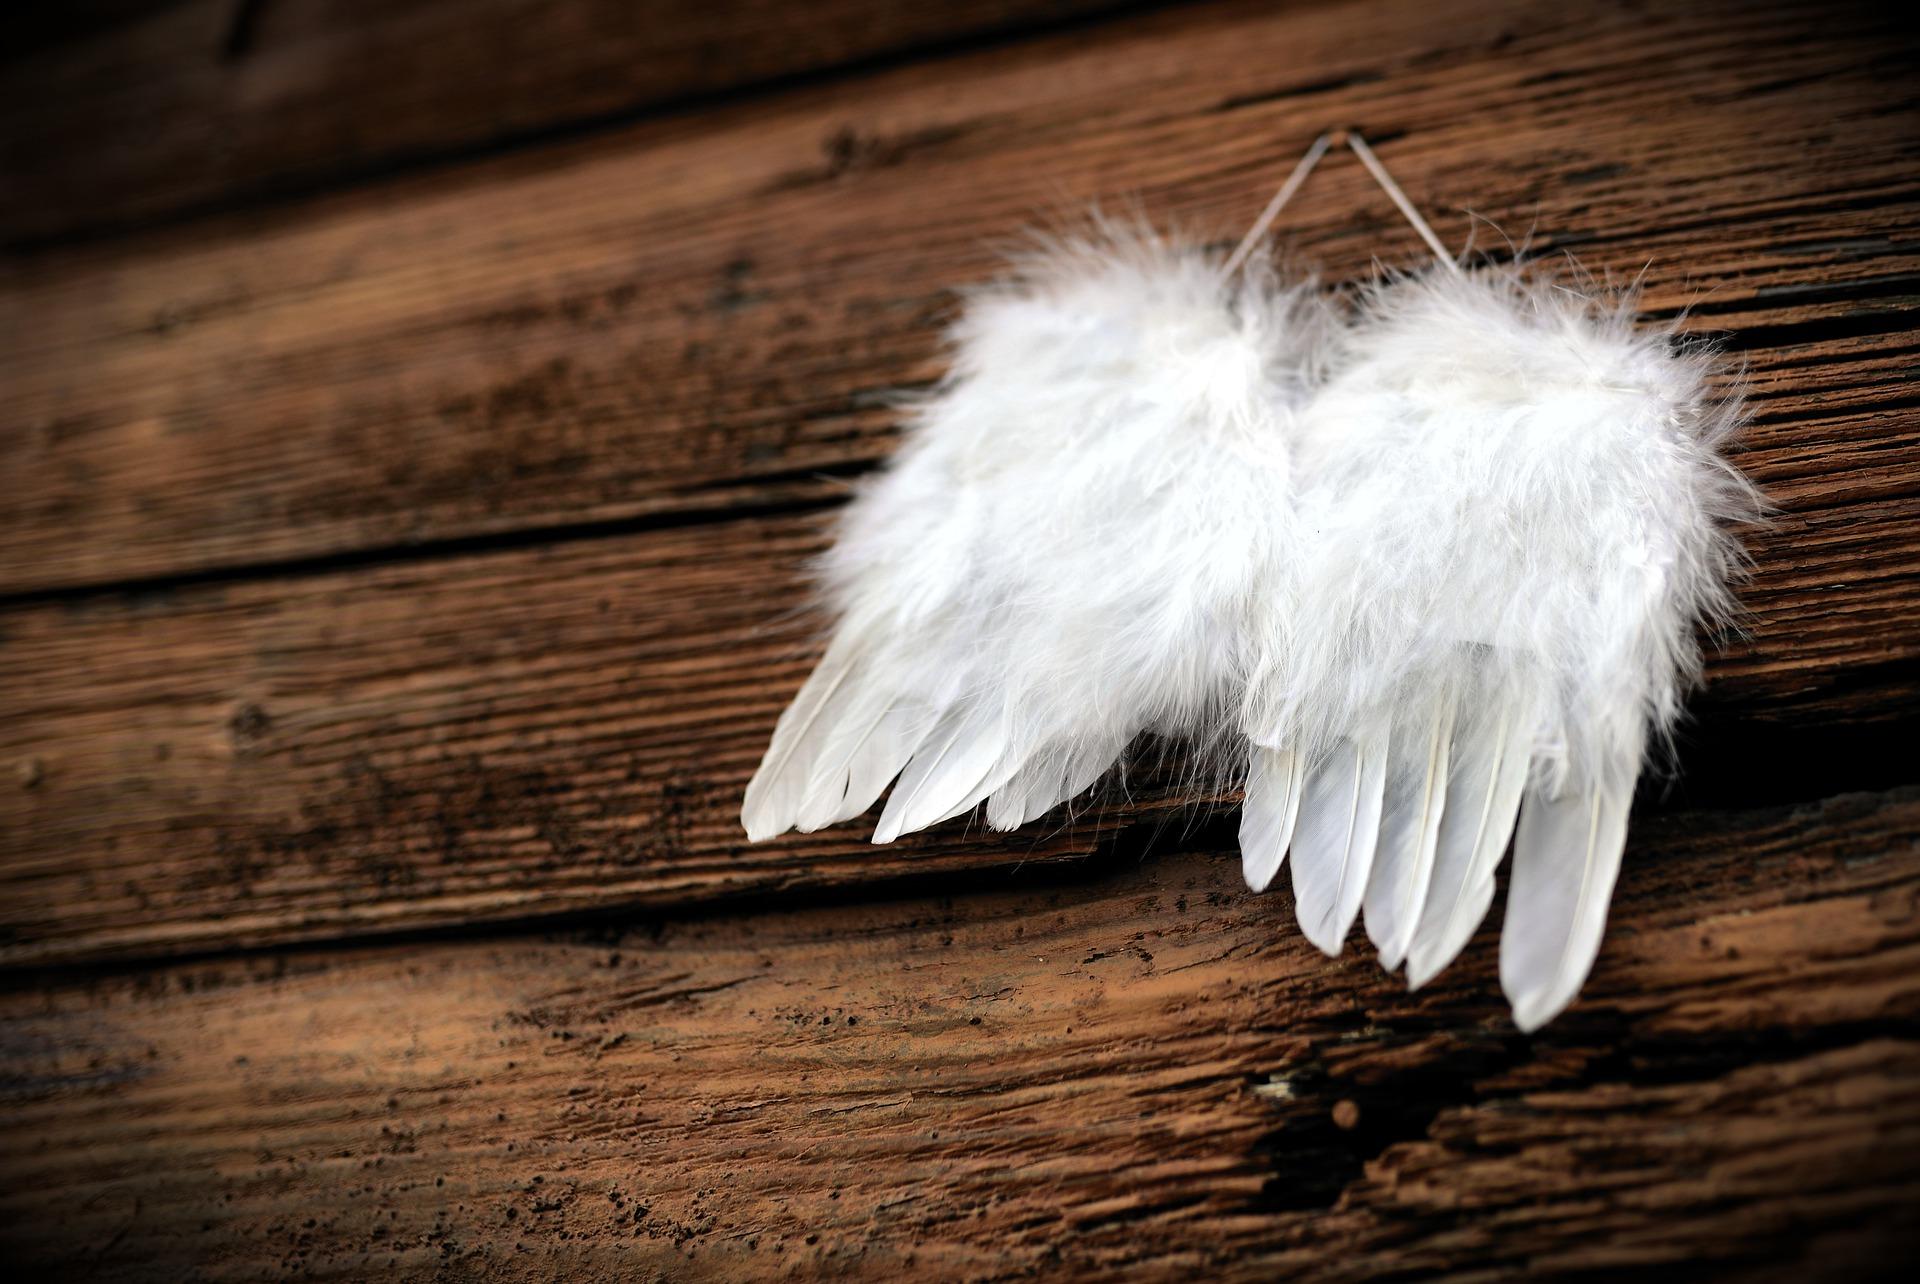 エンジェルナンバー「21」の意味とは?天使はあなたに何を告げようとしているのか?